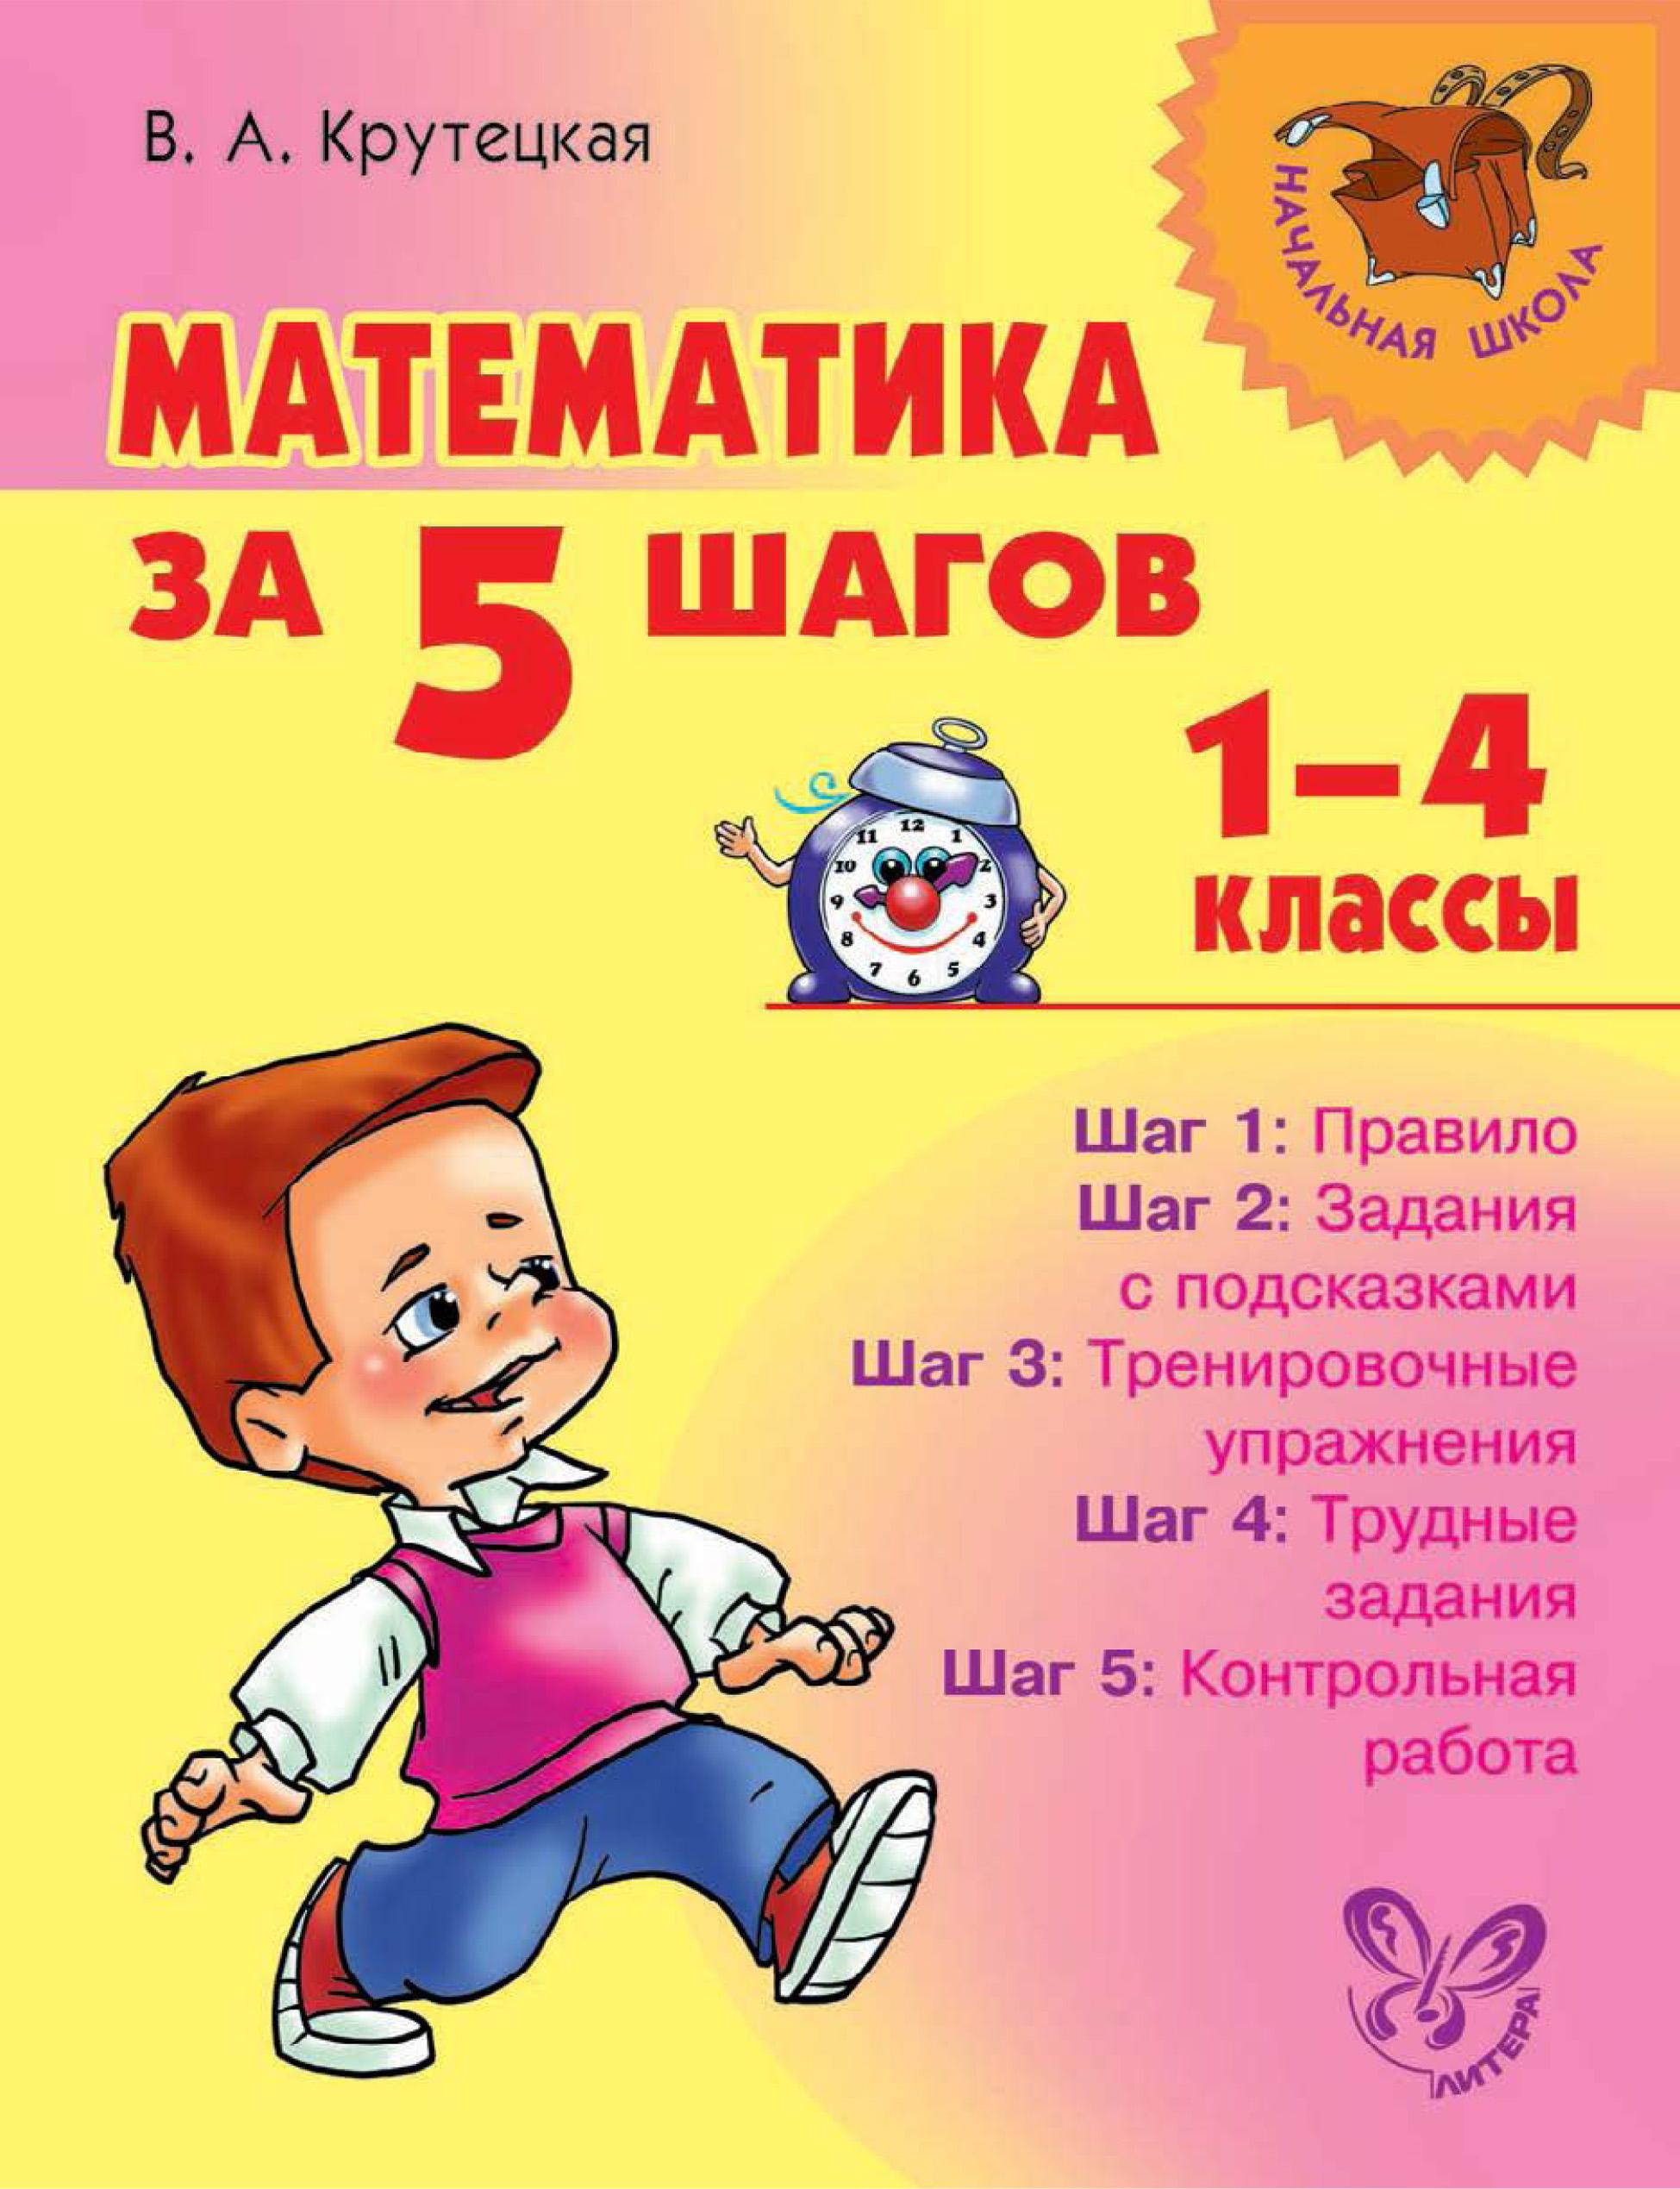 В. А. Крутецкая Математика за 5 шагов. 1–4 классы учебники ид литера математика за 5 шагов 1 4 классы